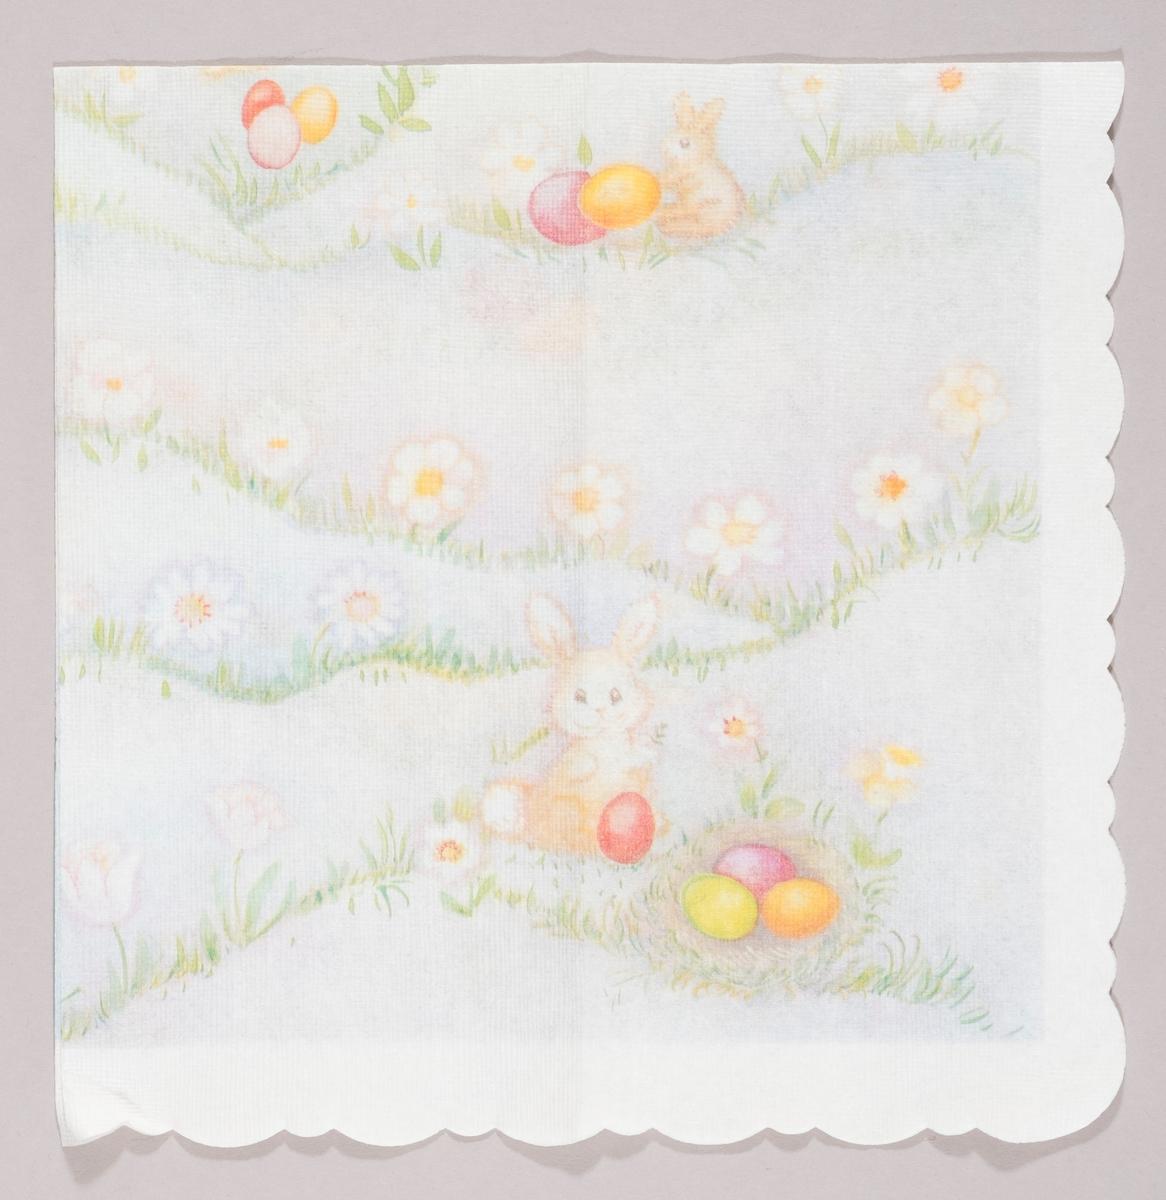 Påskeharer og kulørte påskeegg i et bølget landskap med hvite blomster.